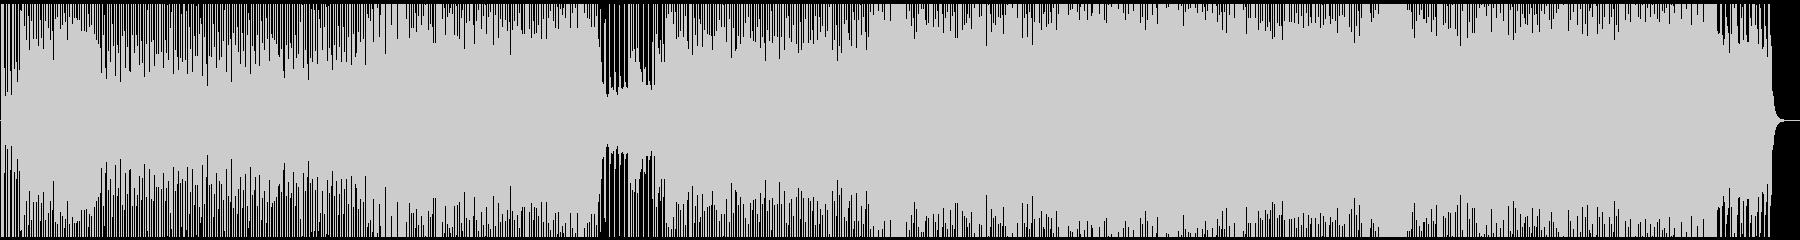 エネルギッシュ、フィールグッド、ポ...の未再生の波形